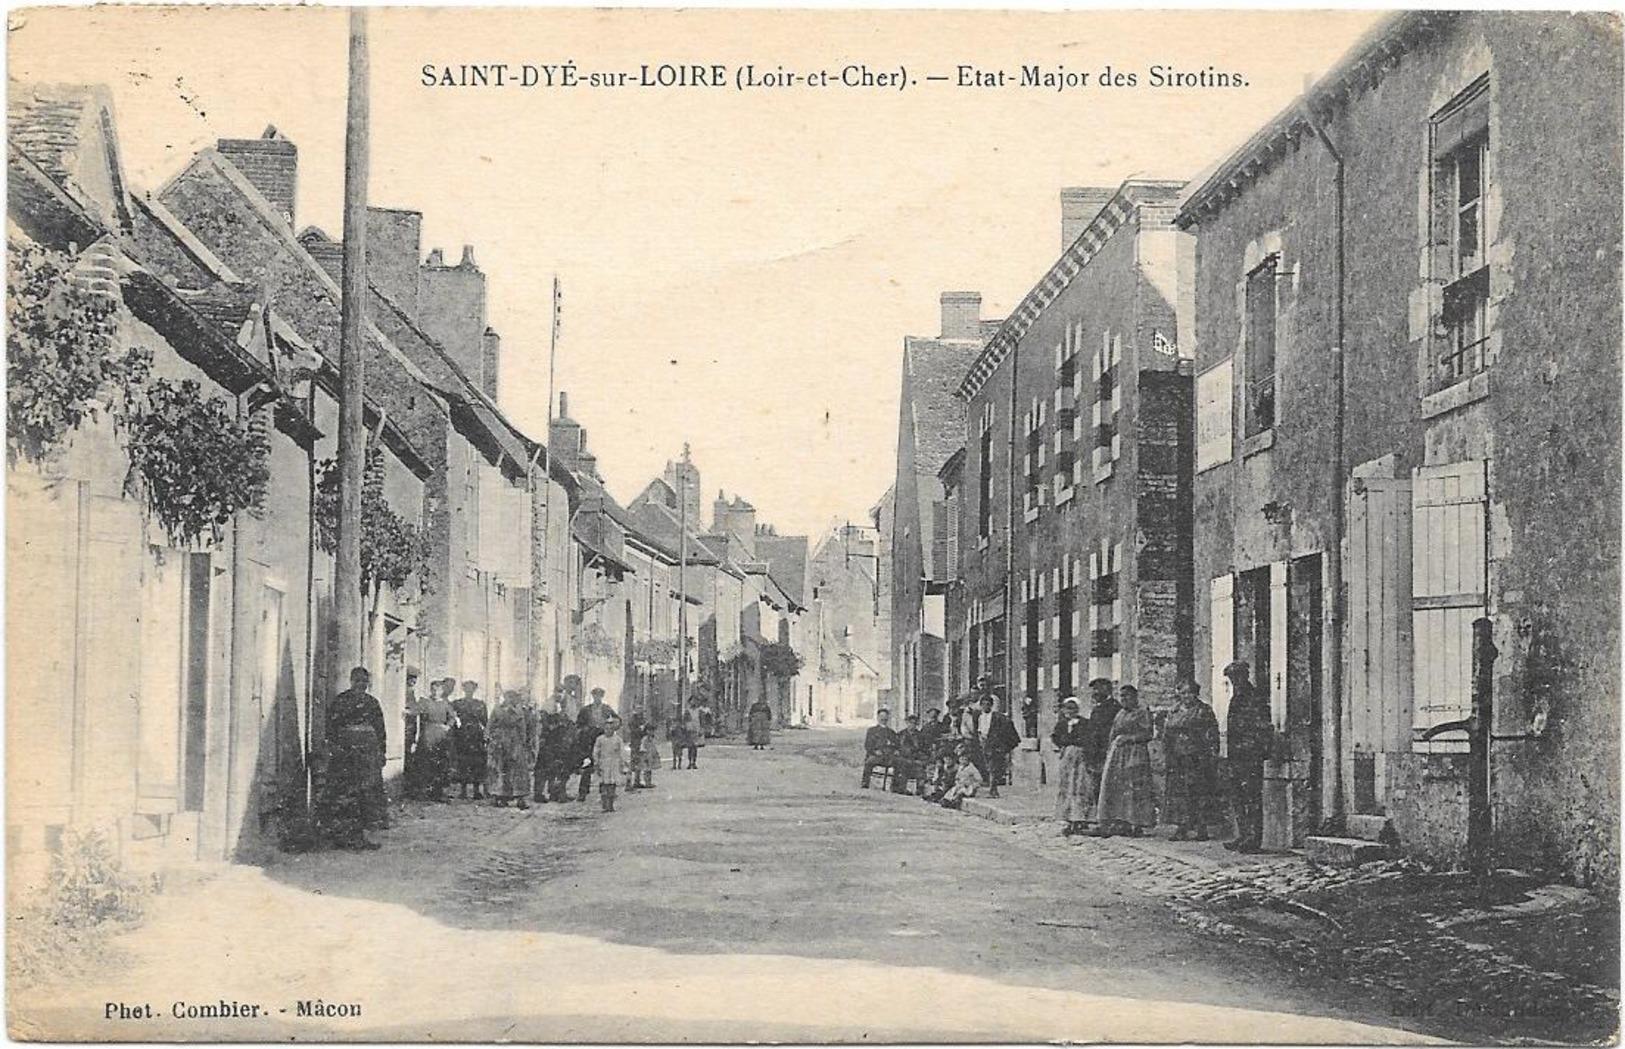 SAINT DYE SUR LOIRE - ETAT MAJOR DES SIROTINS - France